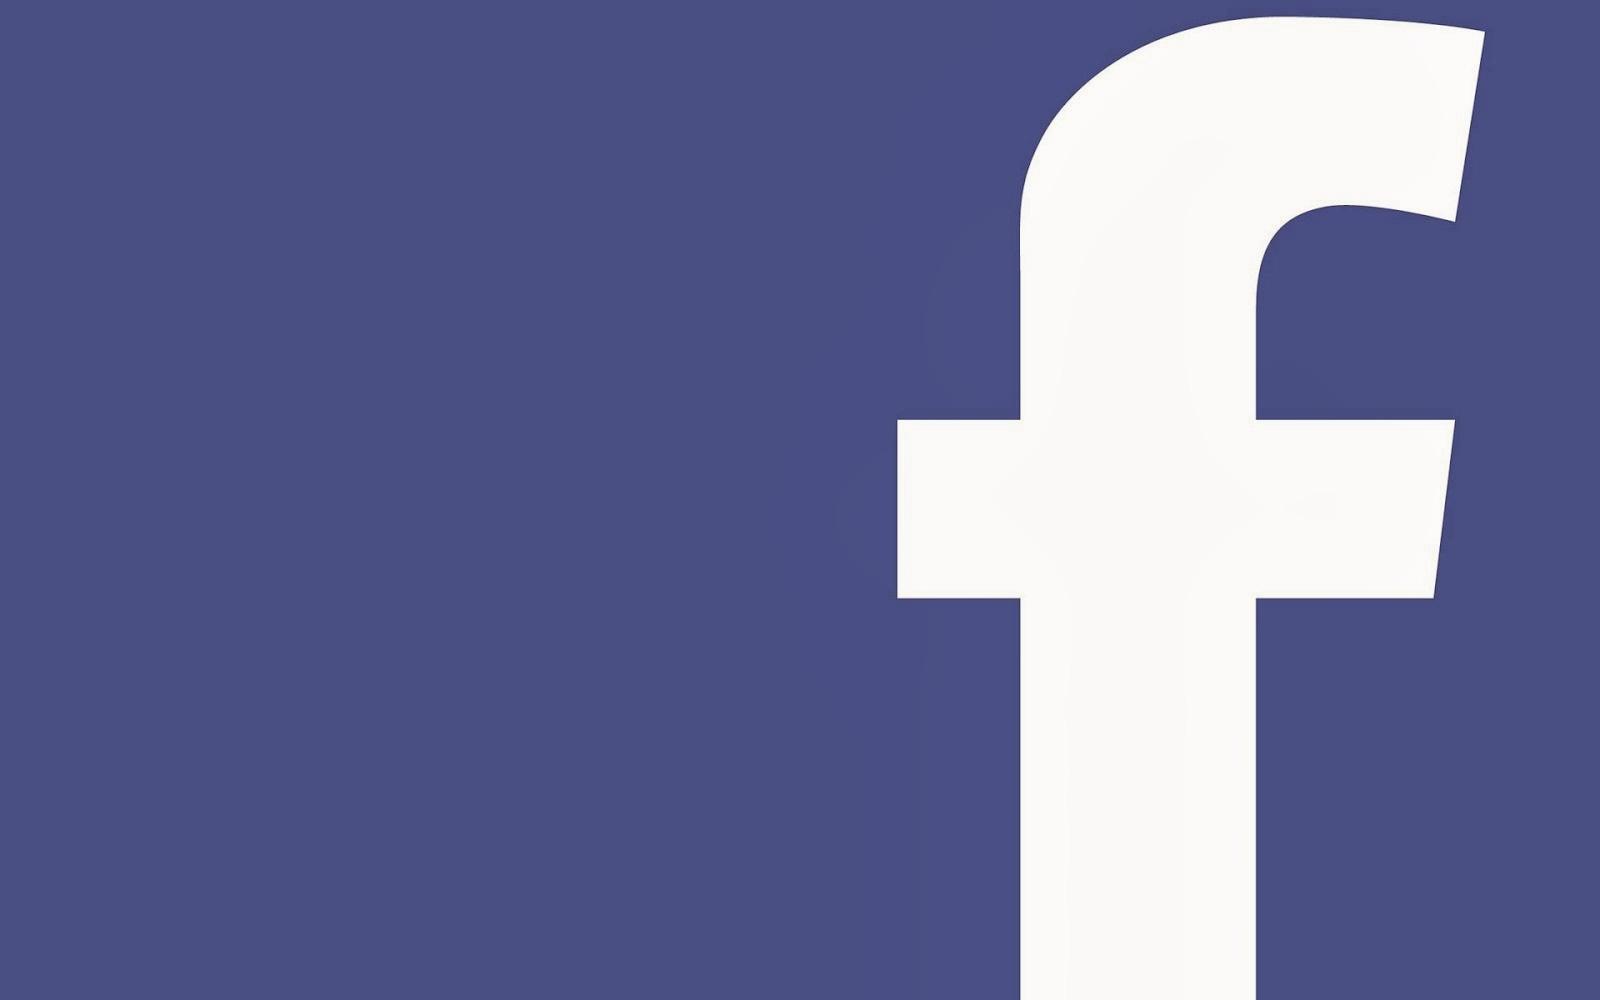 Visita la Página Oficial en Facebook: